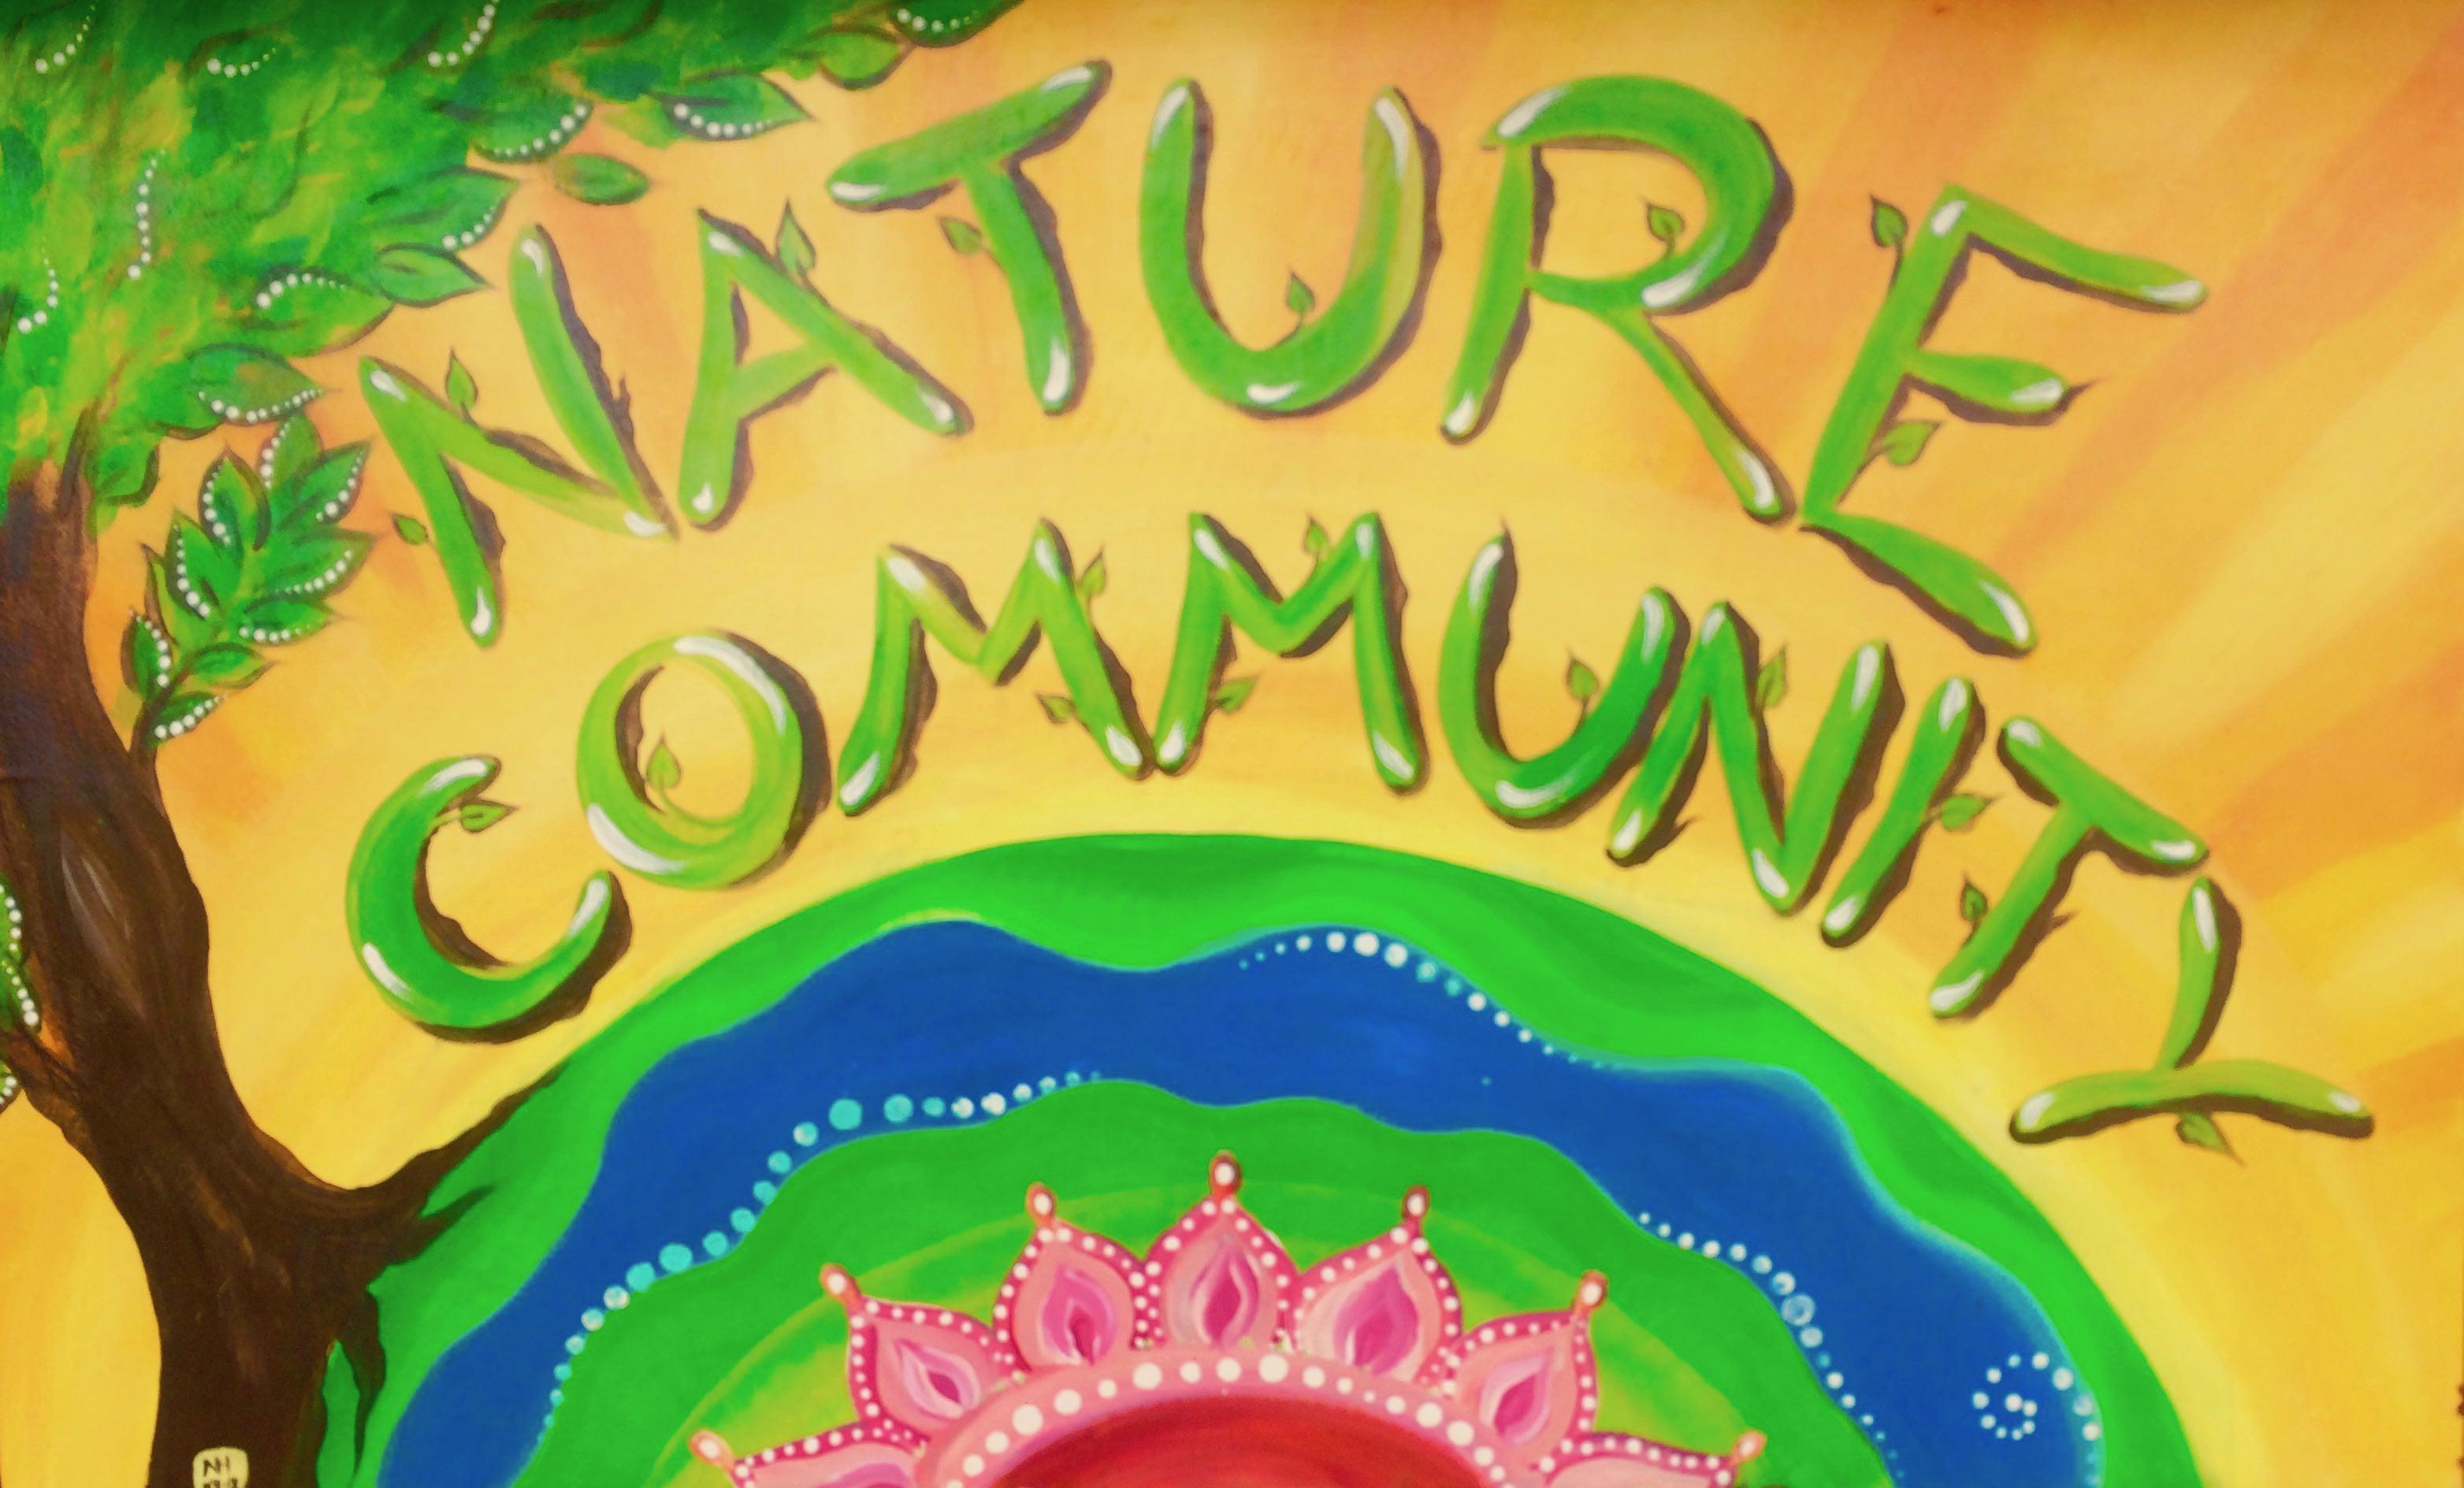 Kräuter Nature Community